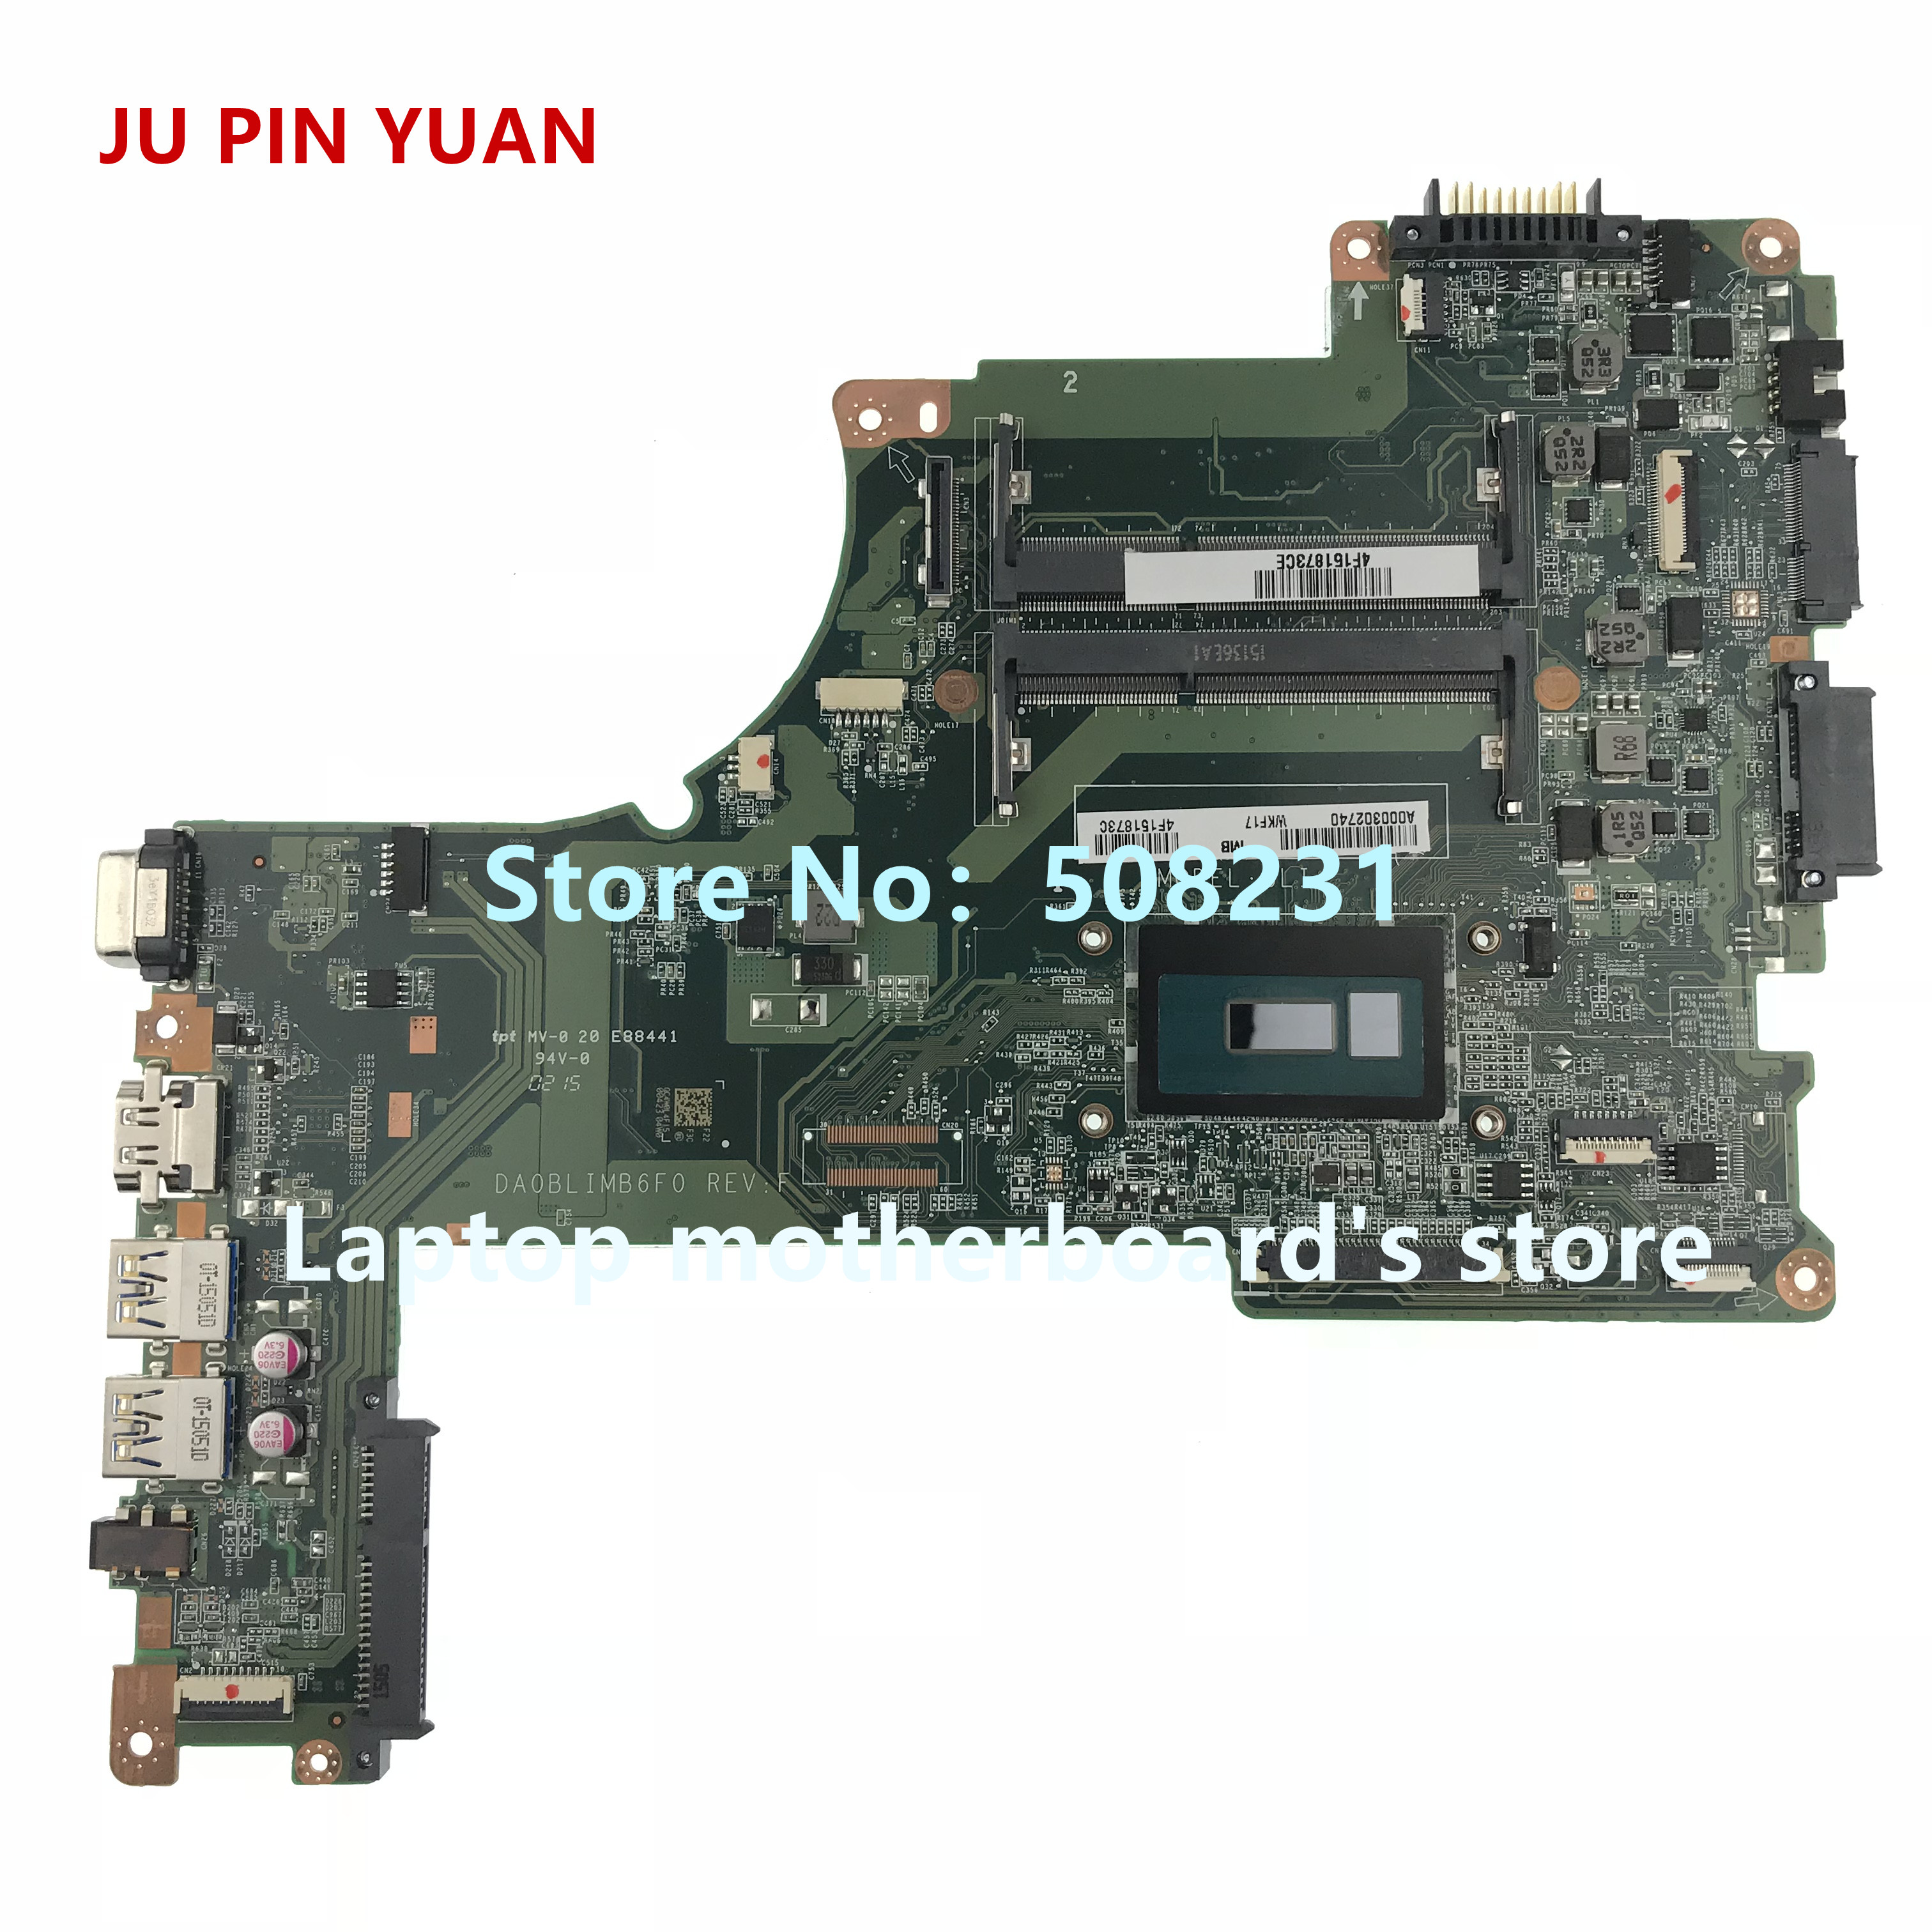 JU PIN YUAN A000302740 para TOSHIBA Satellite L50-B L55-B S50-B S55-B DA0BLIMB6F0 com i5-5200U L50T-B laptop motherboard